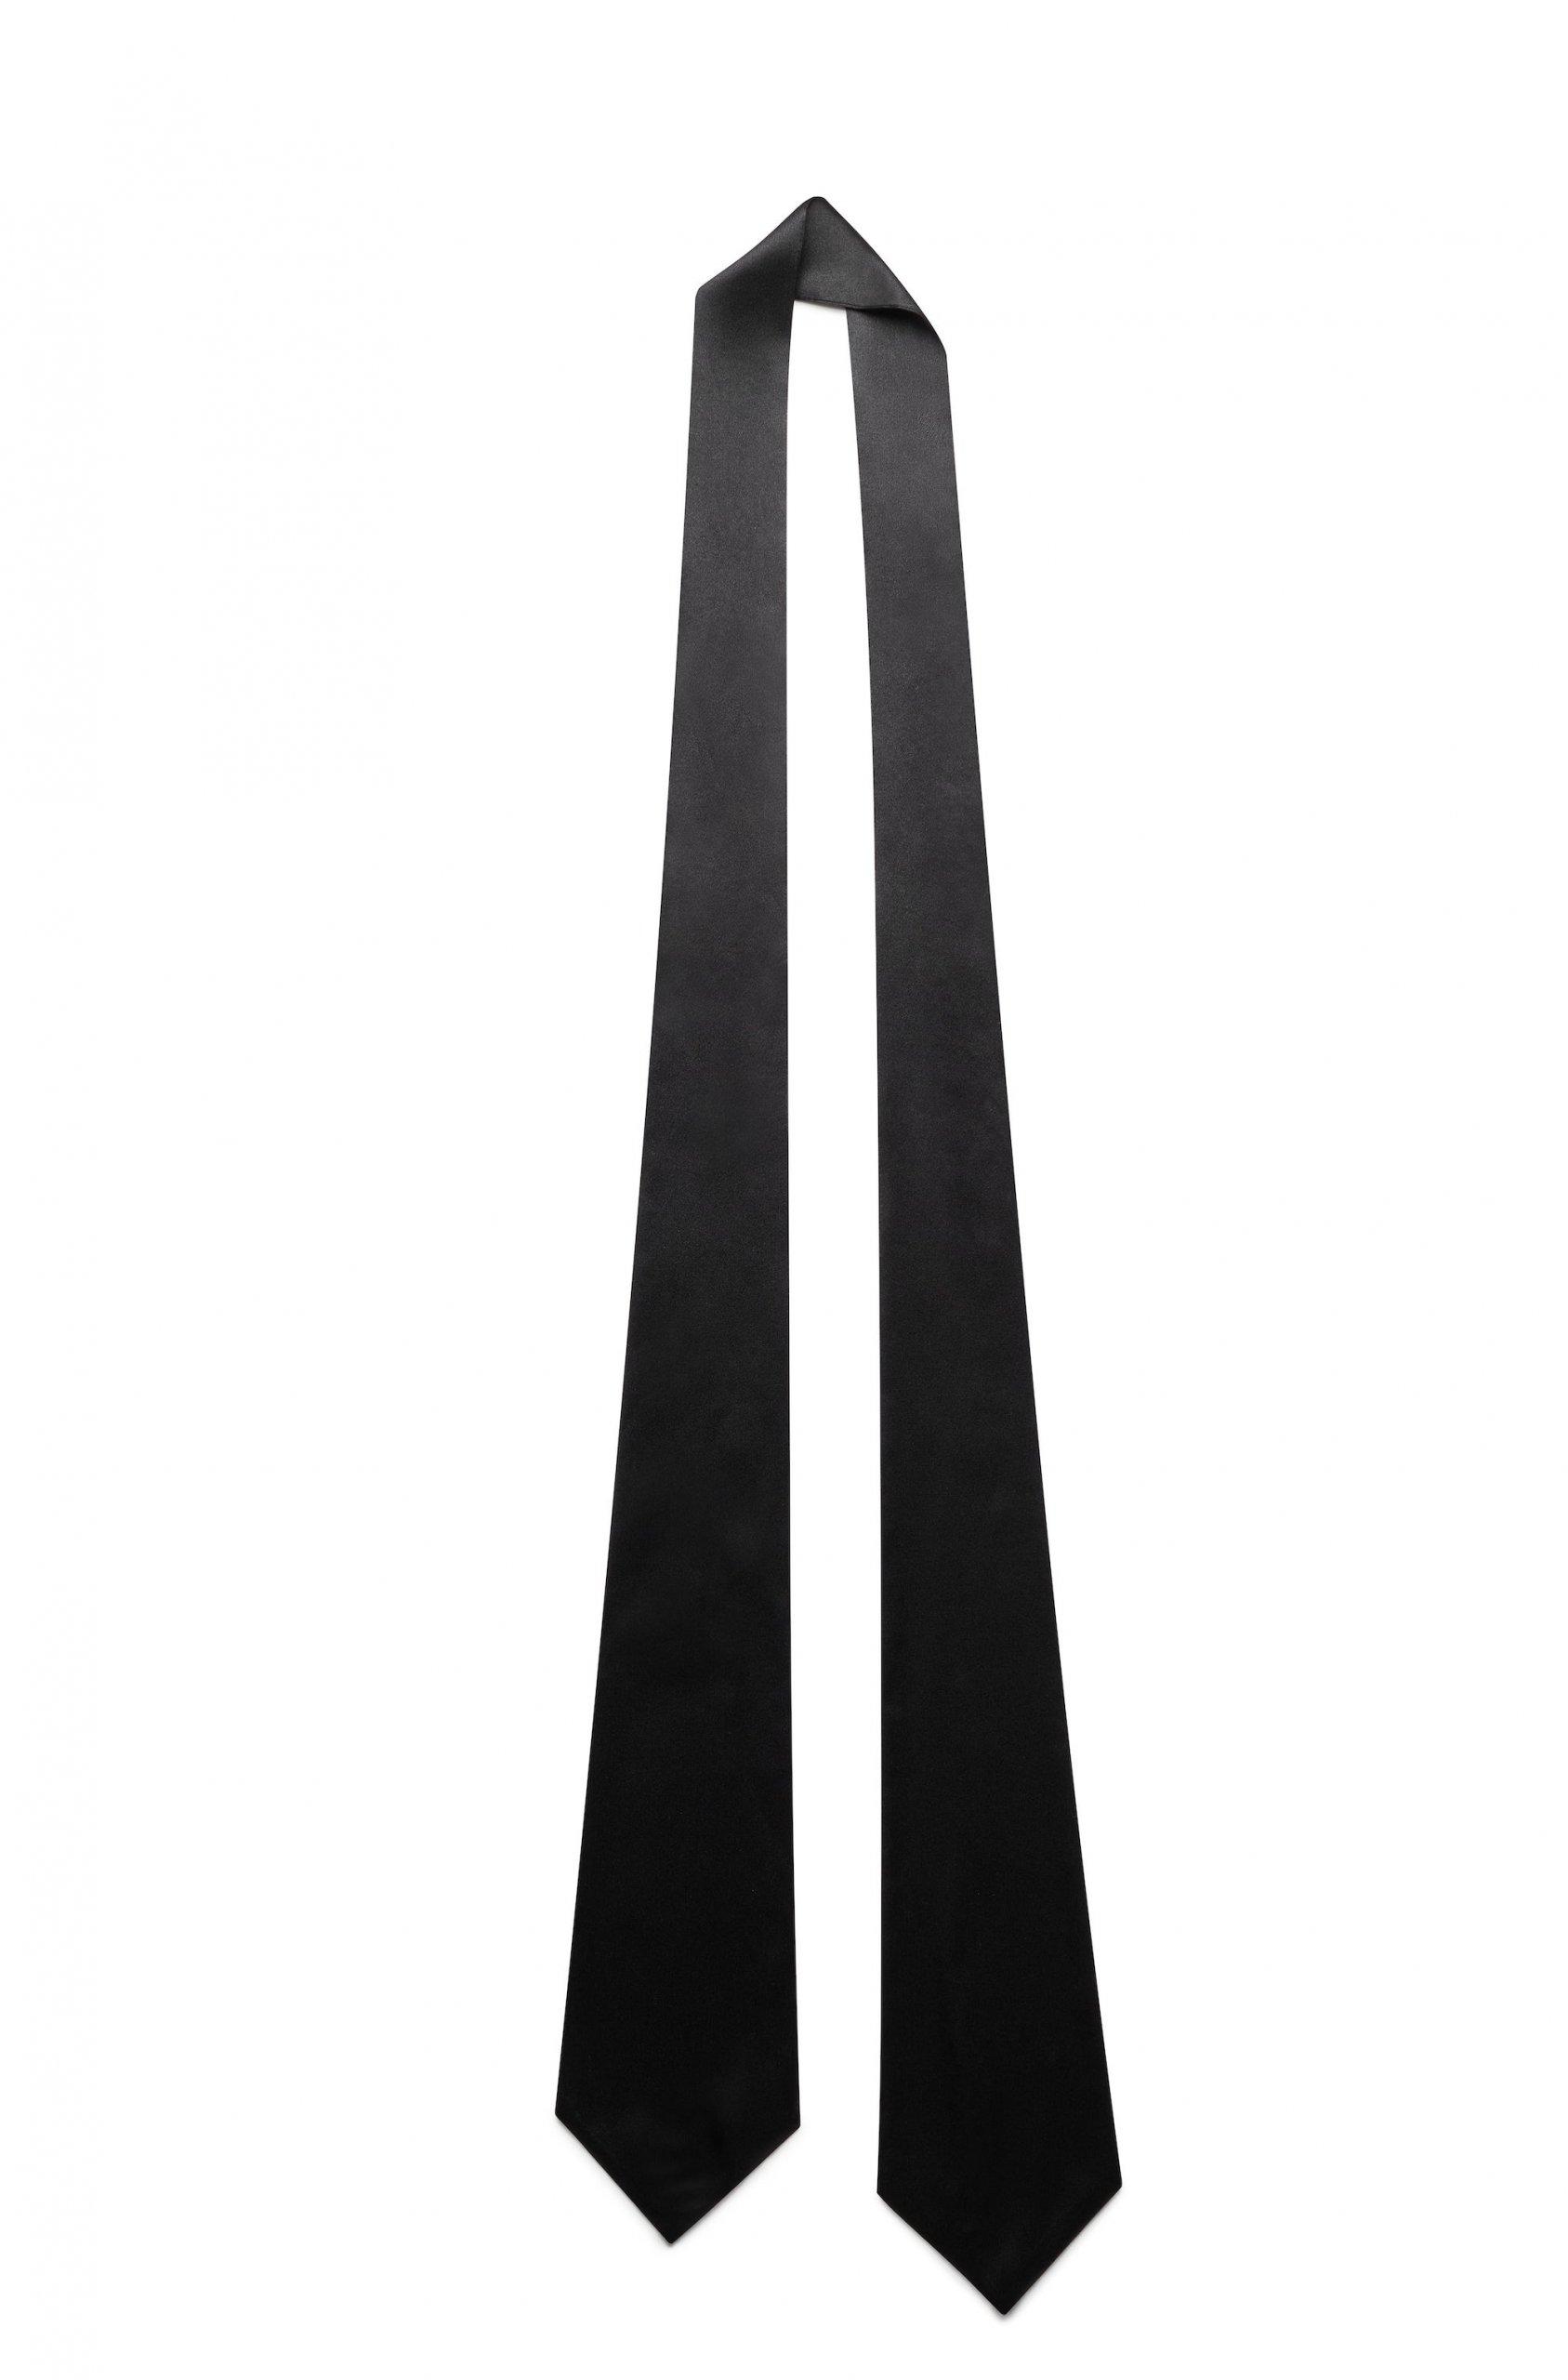 Jedwabny szalik czarny 170 cm